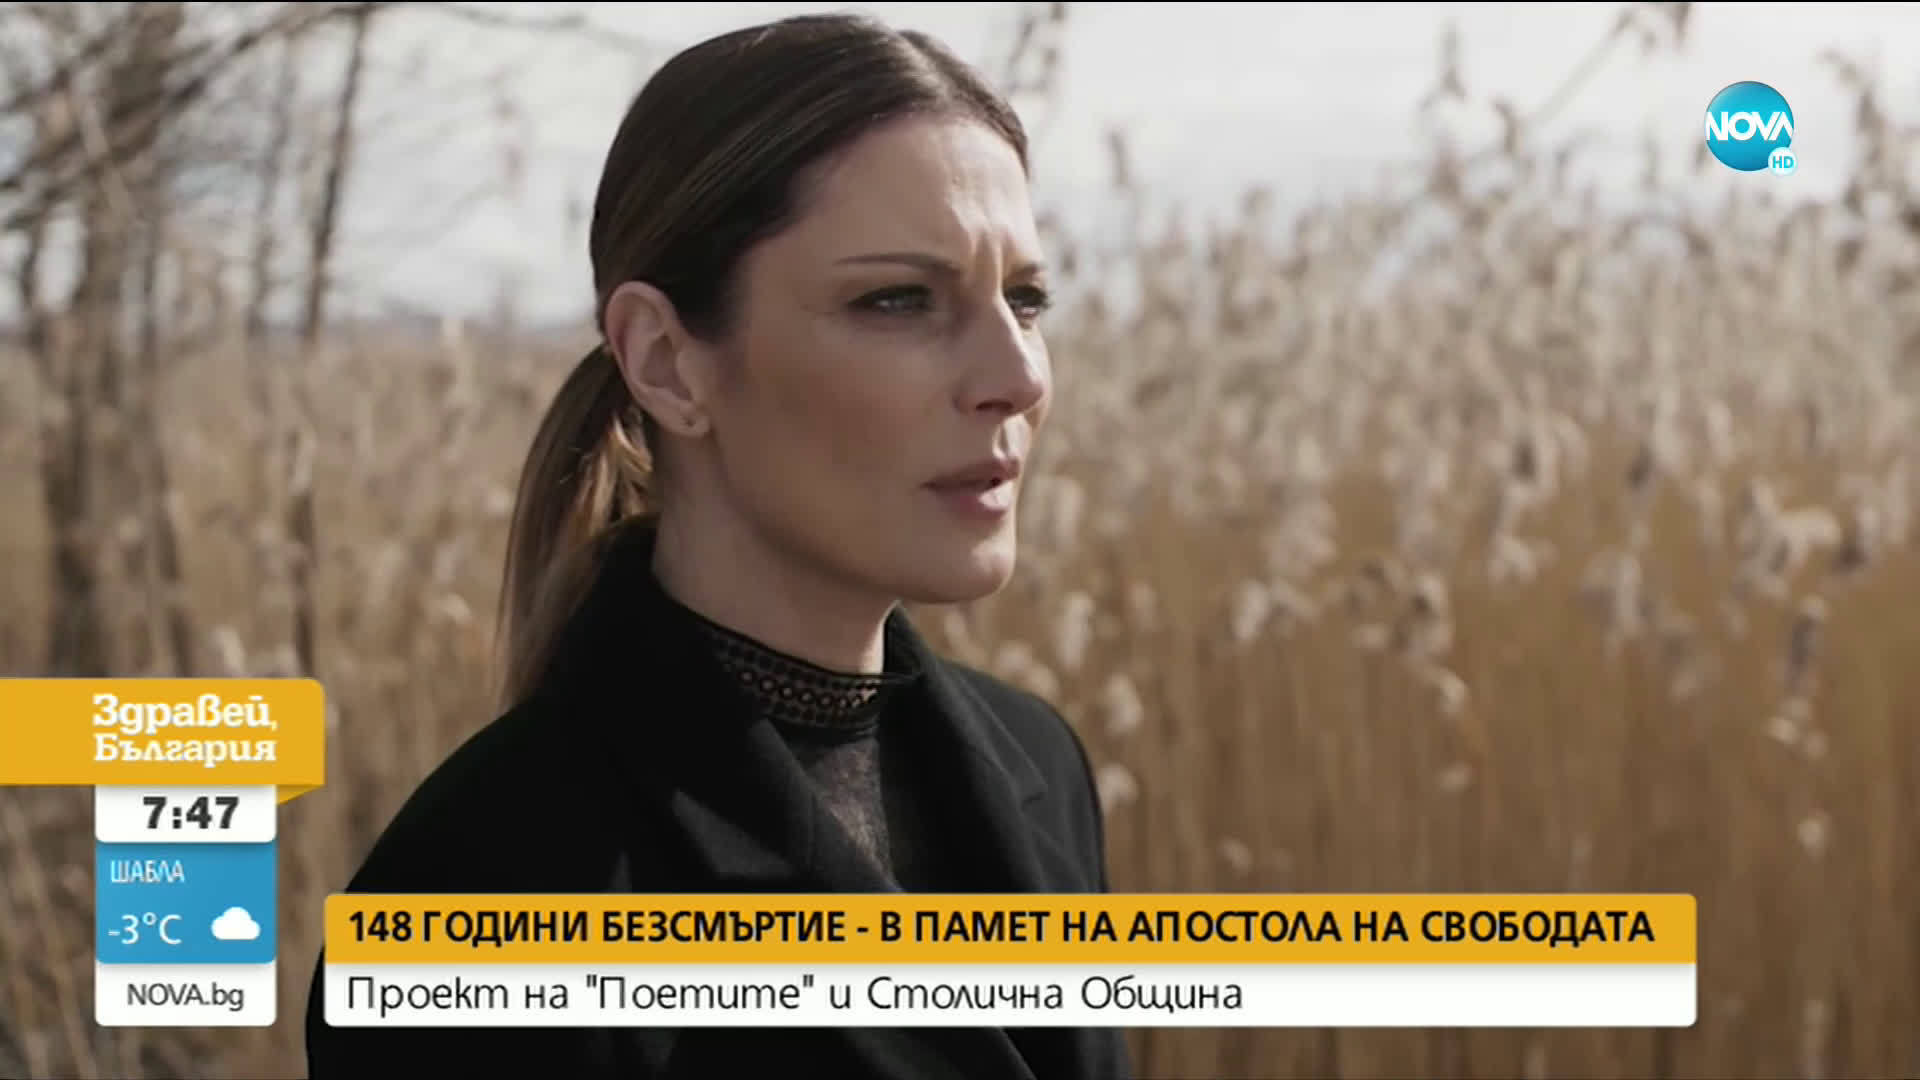 ГОРДОСТ: Известни актьори рецитират творби за Васил Левски